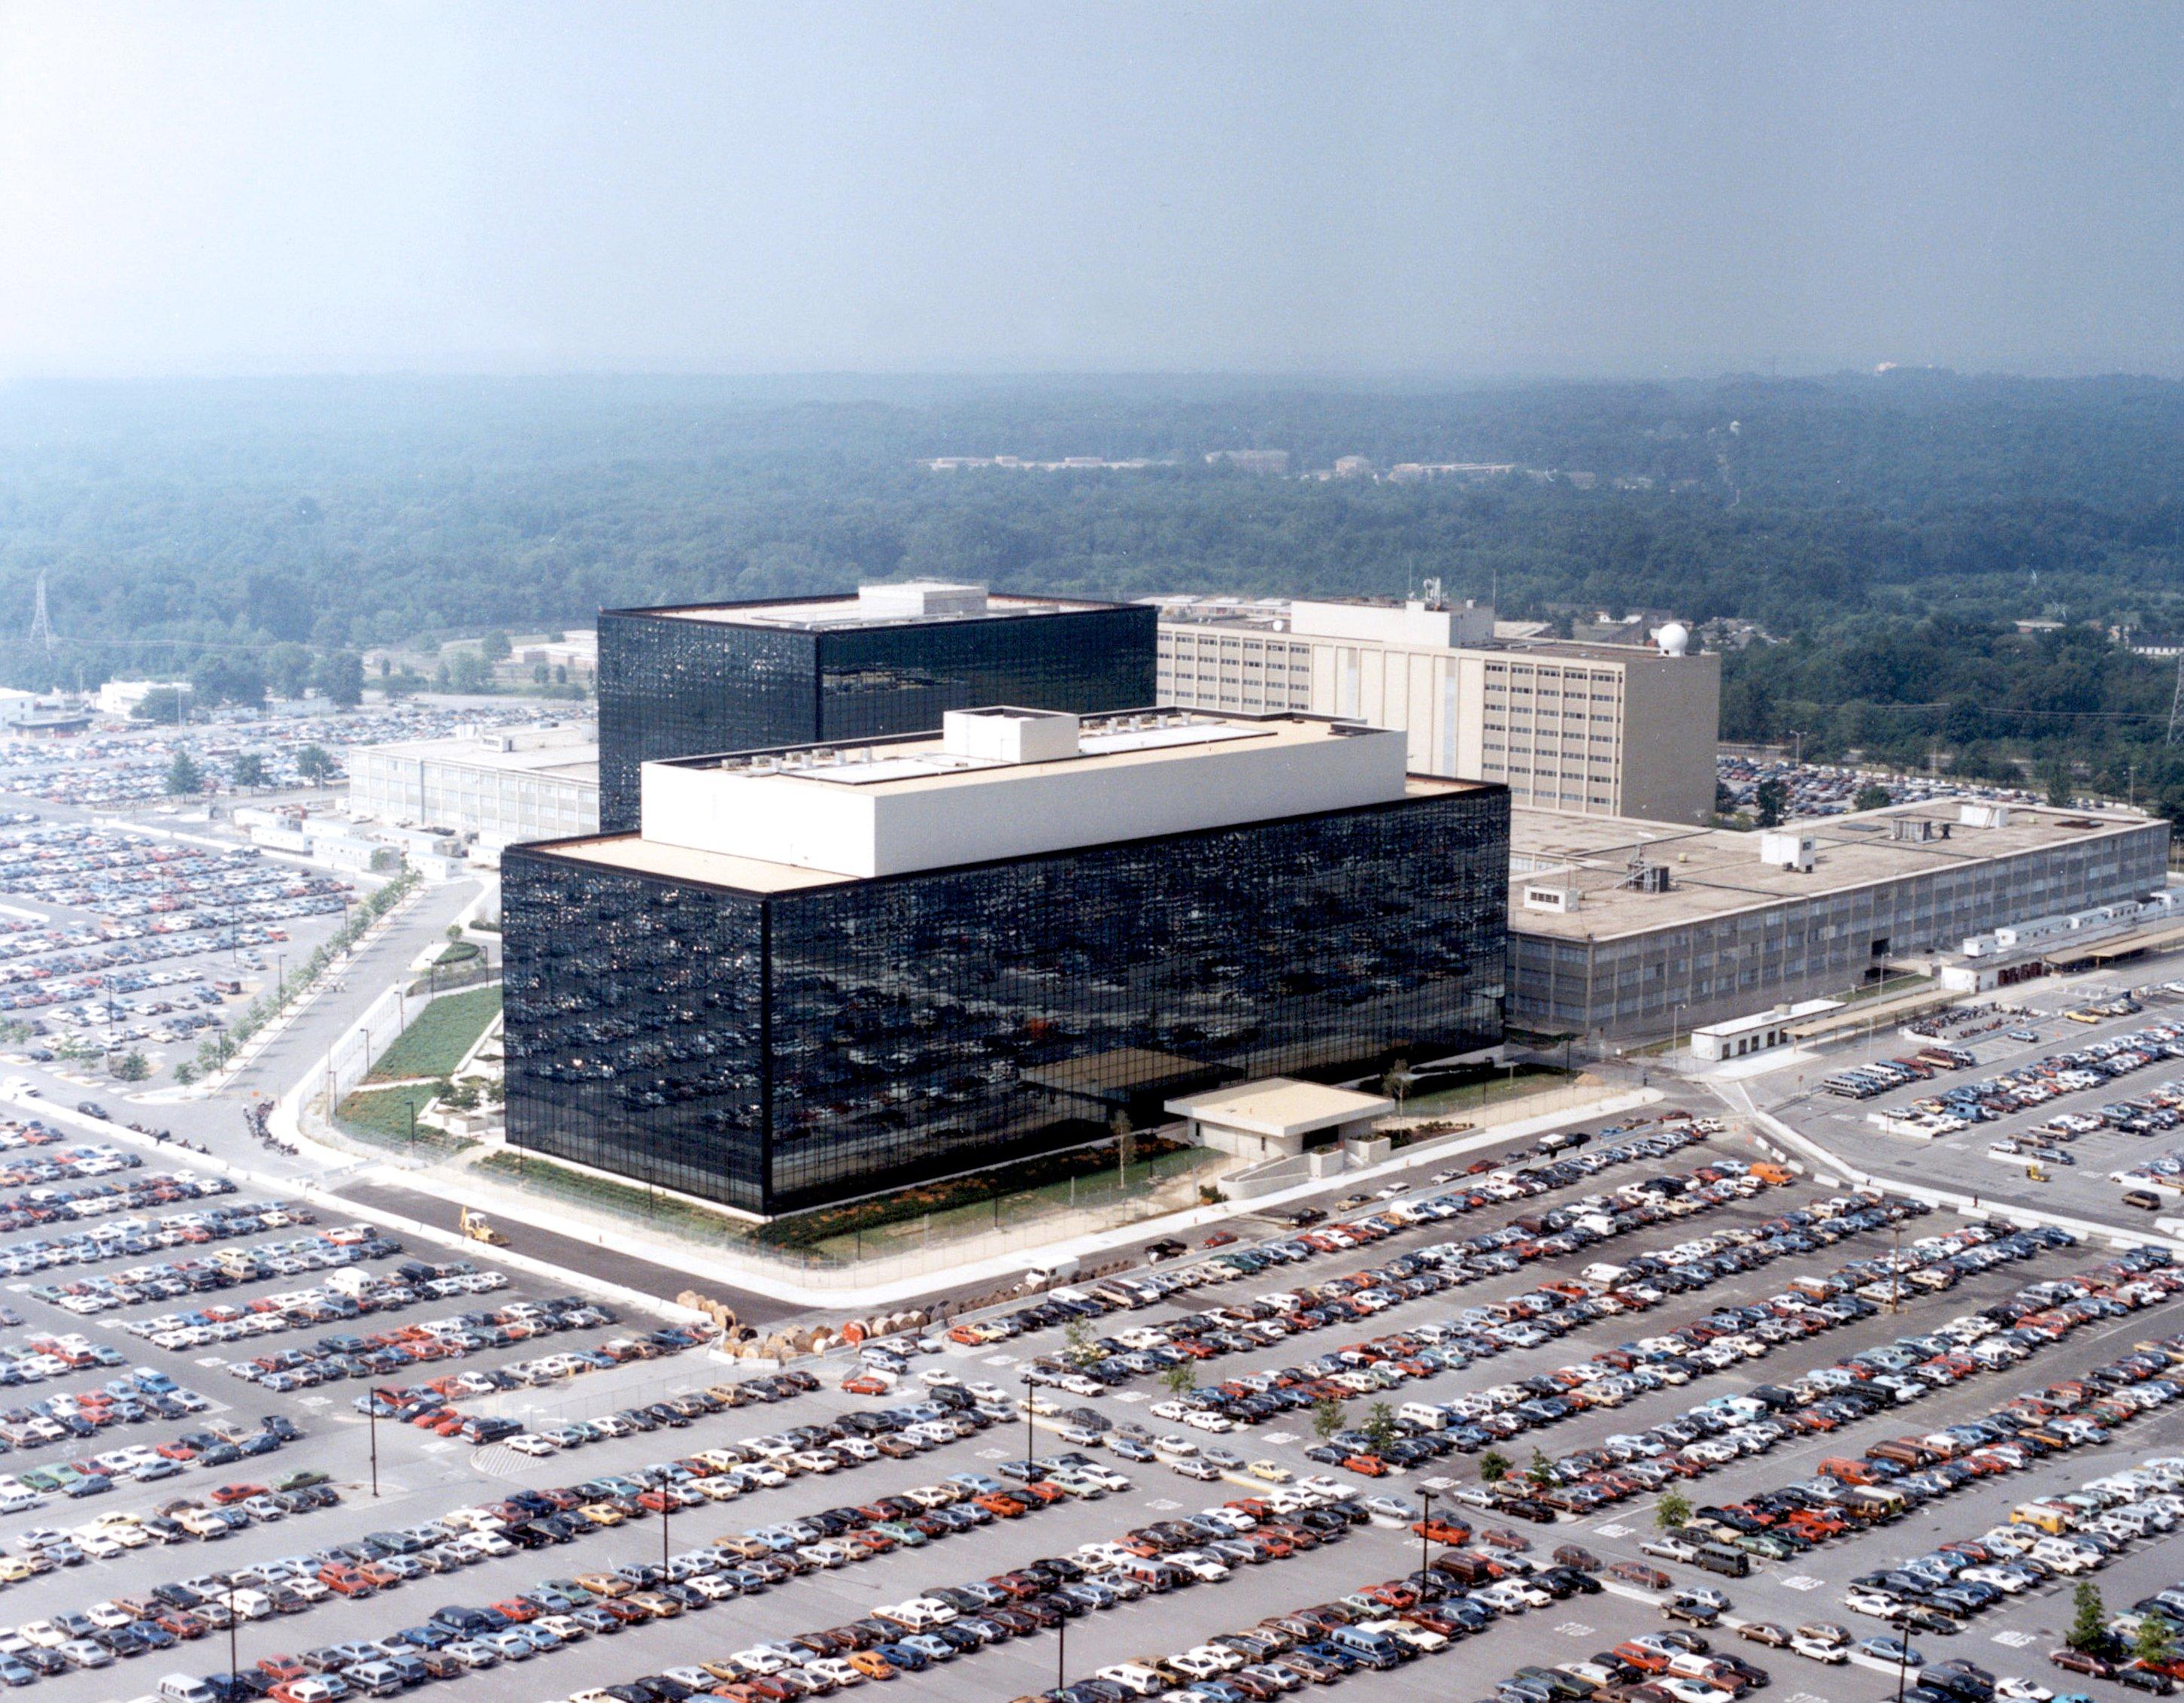 (Wikimedia - Quartier général de la NSA)